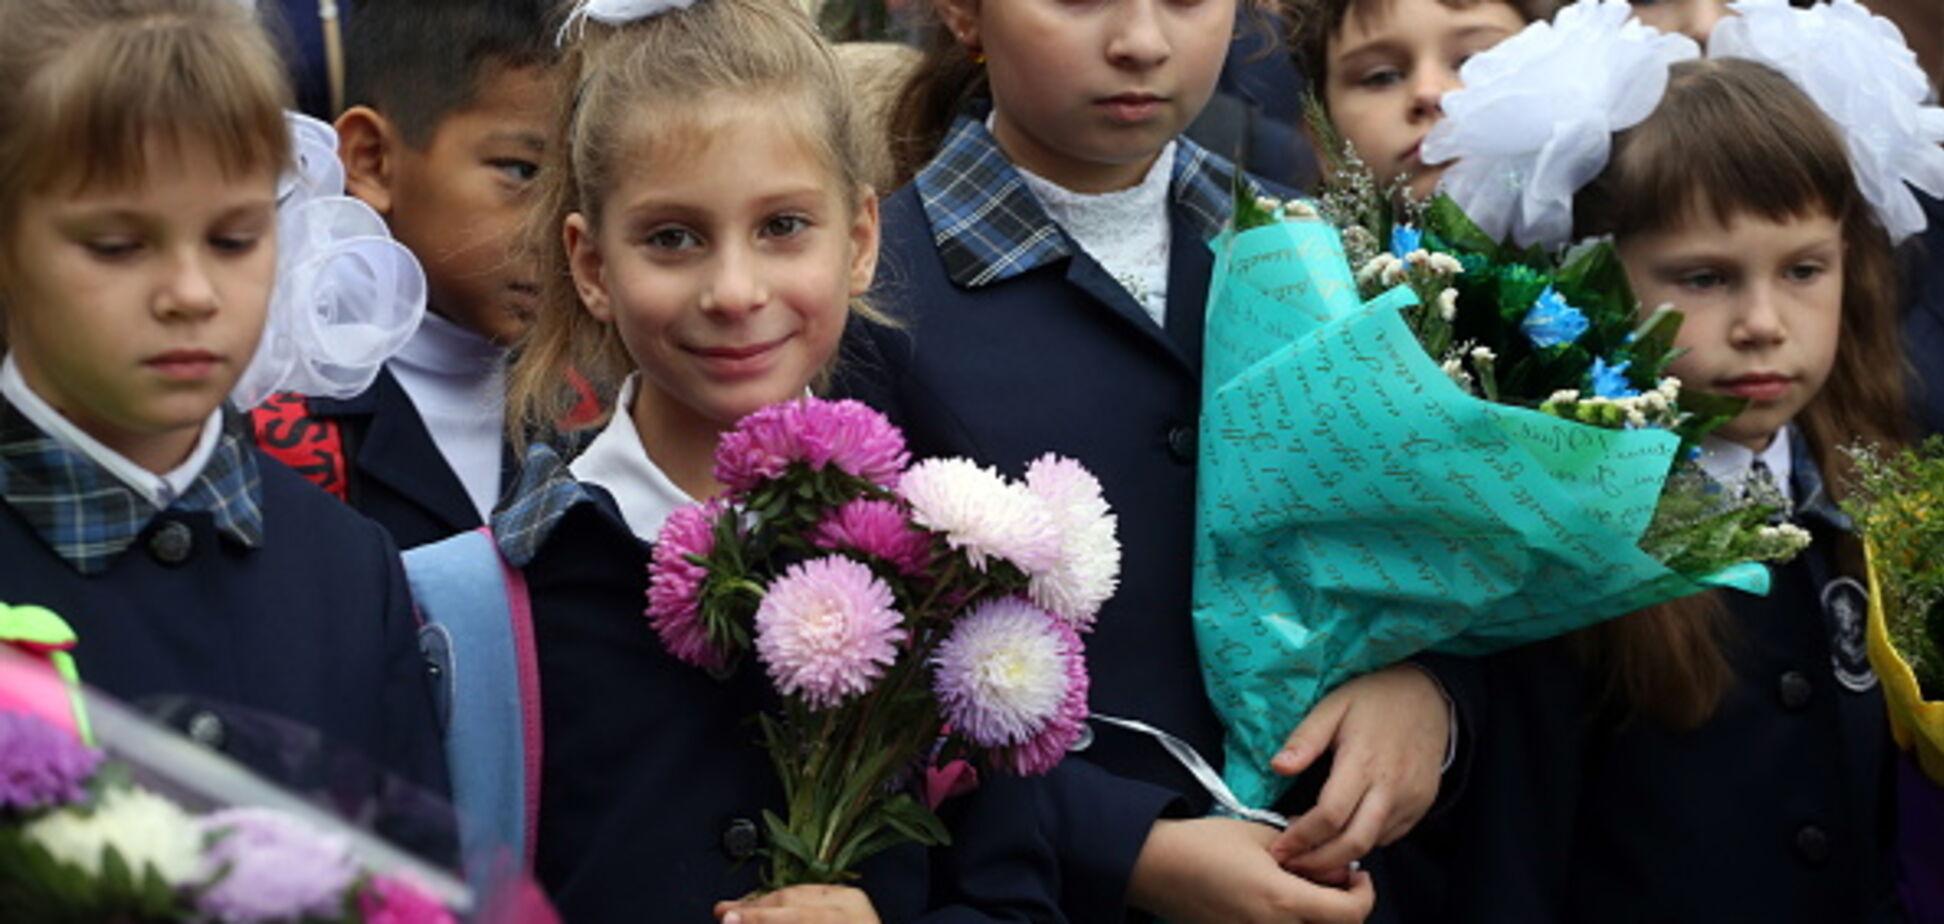 Оккупанты облажались: в сети рассказали о скандале в Донецке из-за 'гимна ДНР' в школах